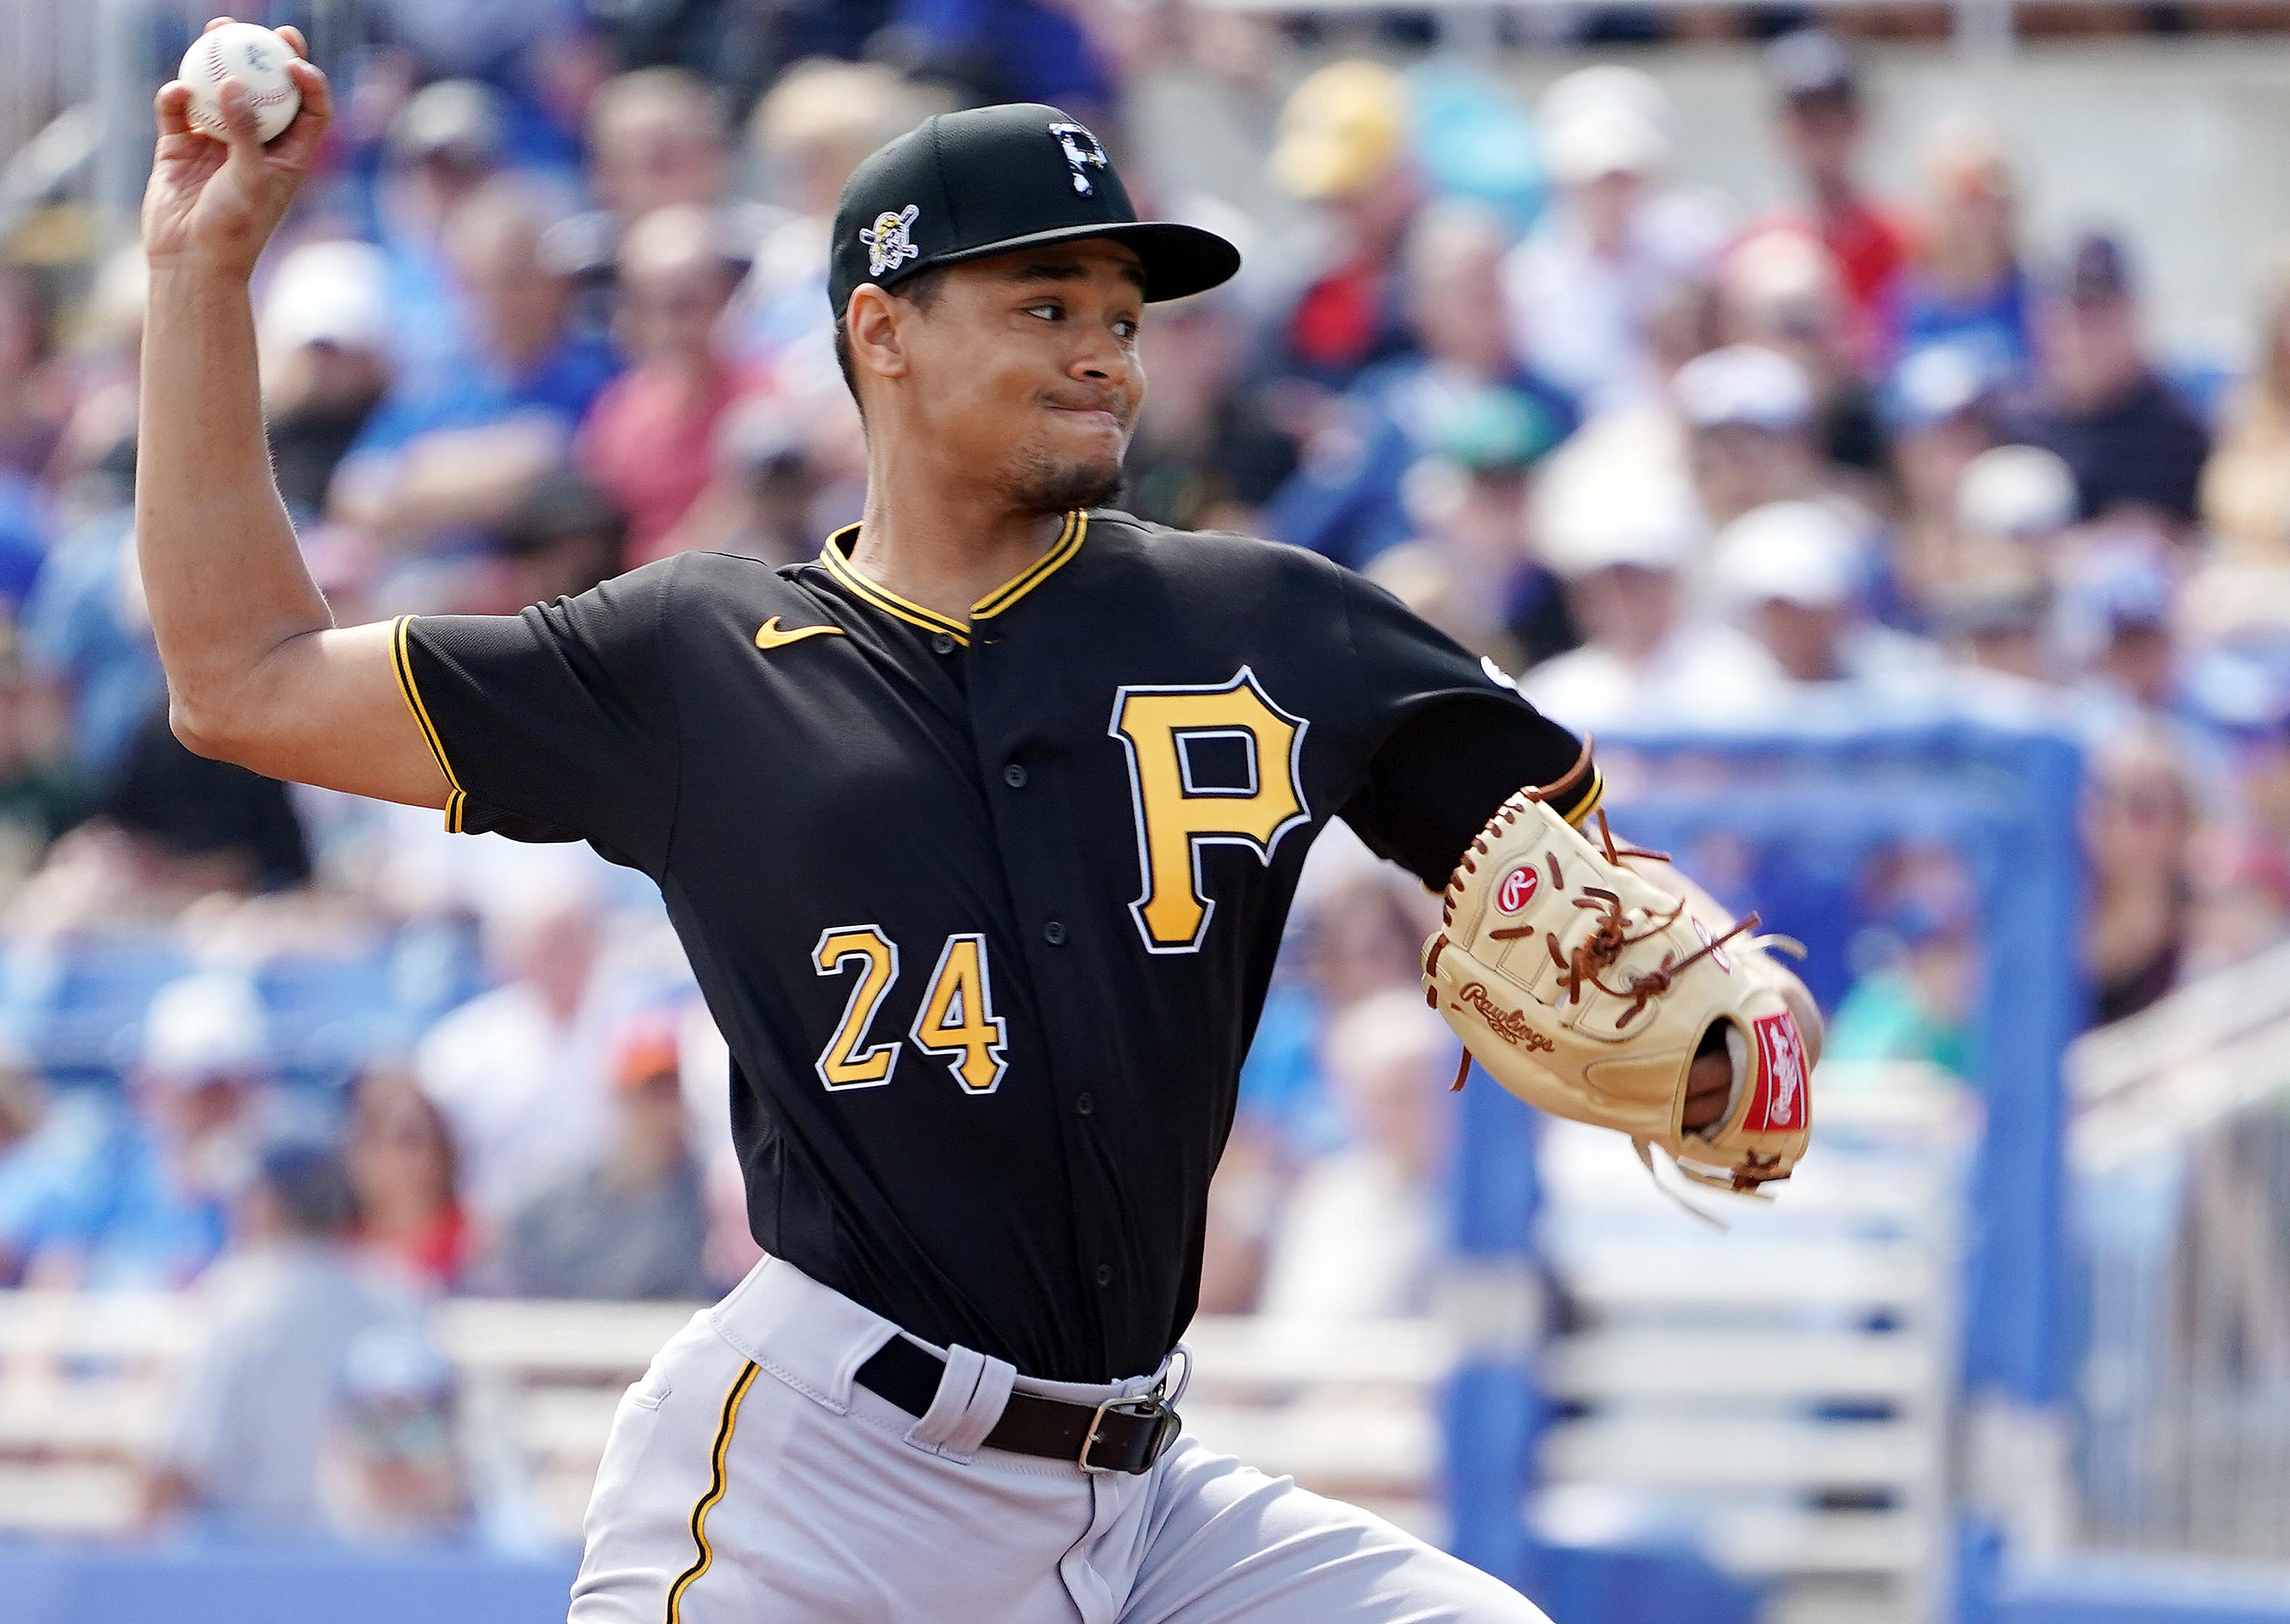 New York Yankees, Chris Archer